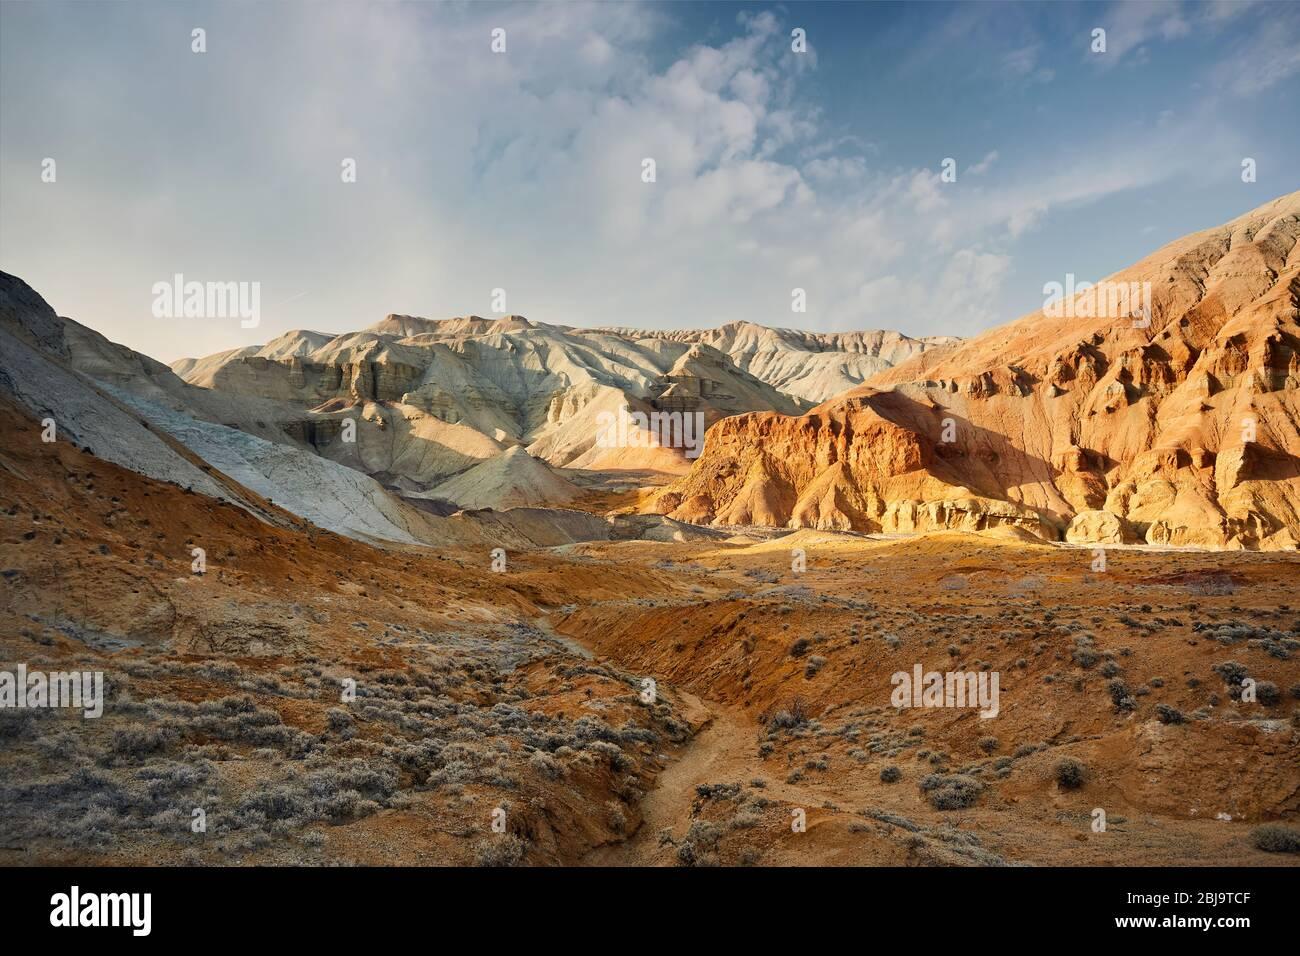 Cañón con capas de montañas en el parque desierto Emel Altyn en Kazajstán Foto de stock